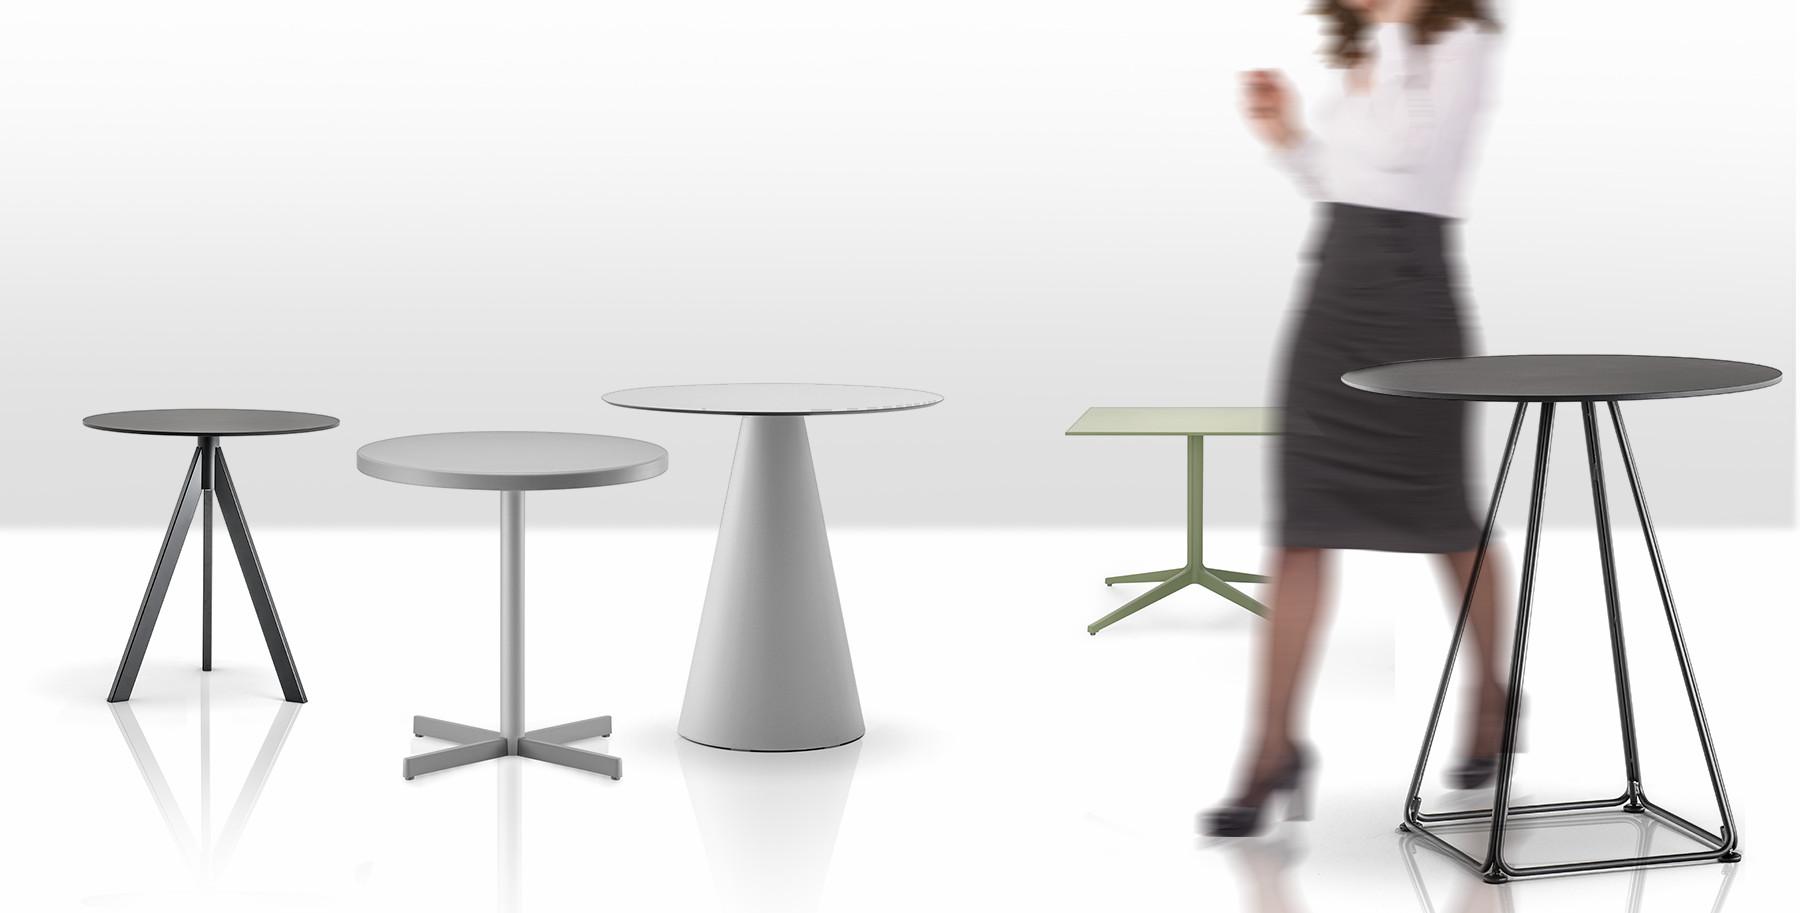 Tavoli Da Esterno Per Pub : Vendita tavoli bar e ristorante per ambienti interni o esterni degart